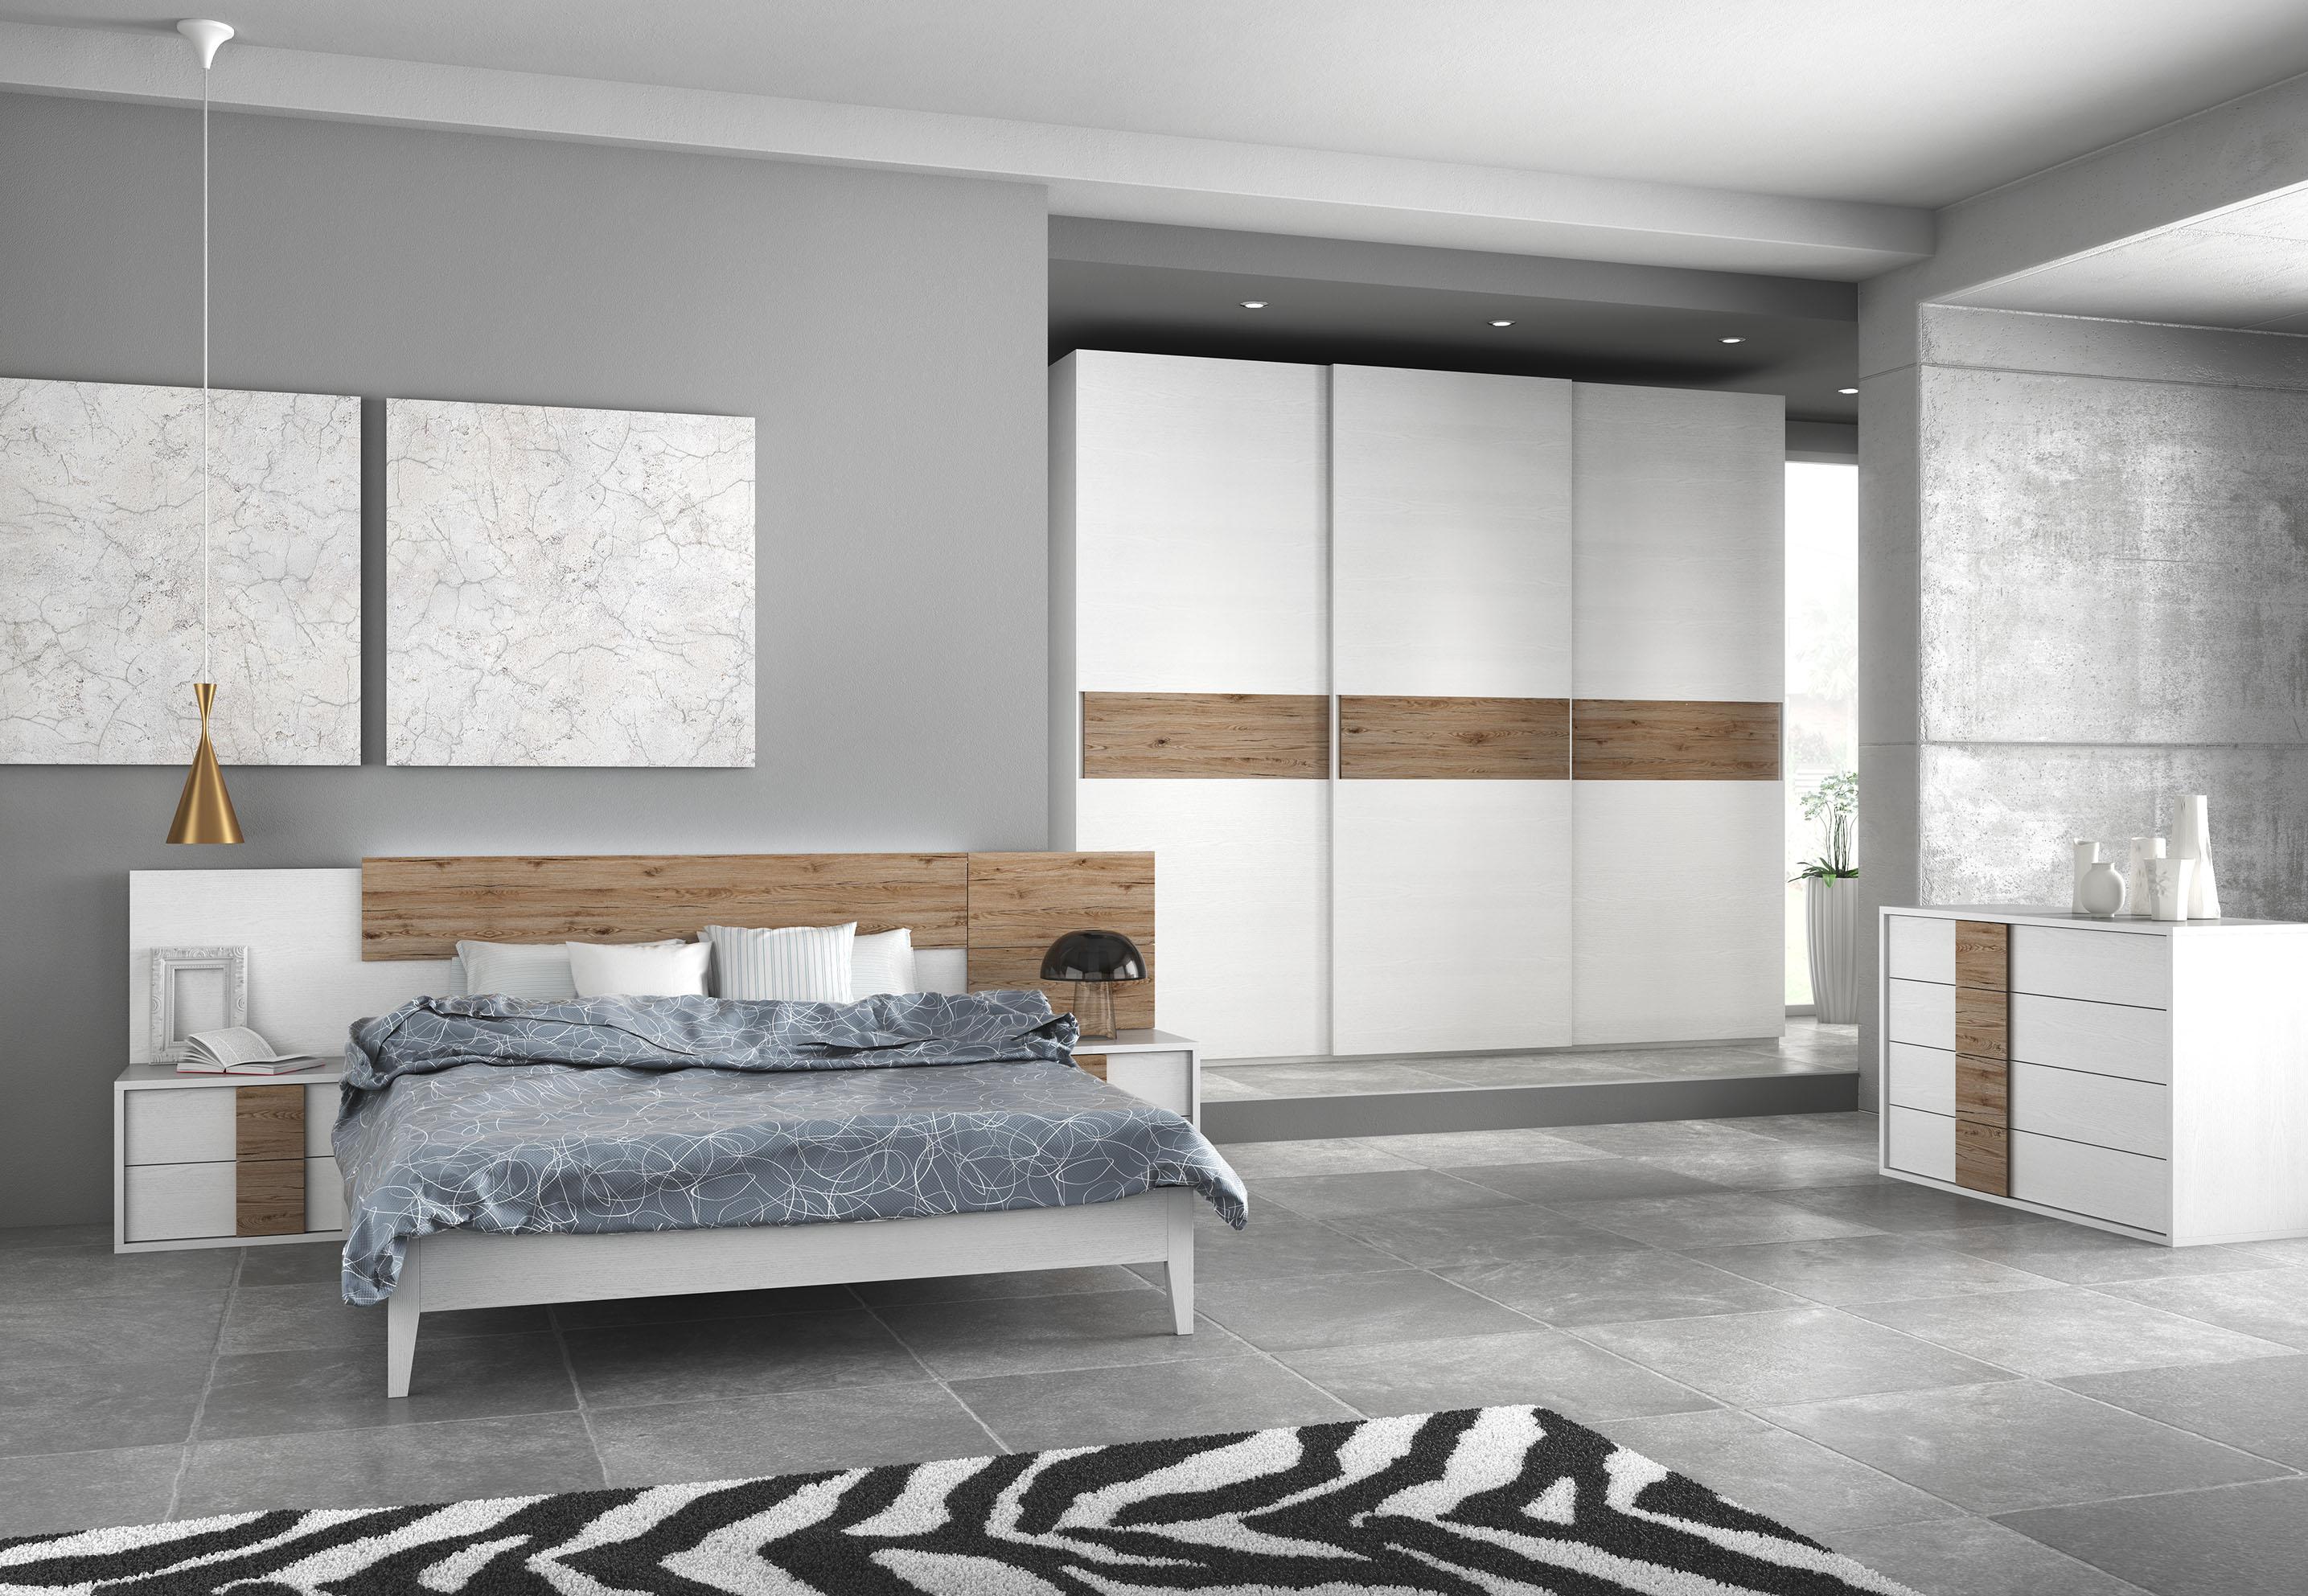 Gmk arredamenti srl camere e complementi di arredo - Arredamenti per camere da letto ...